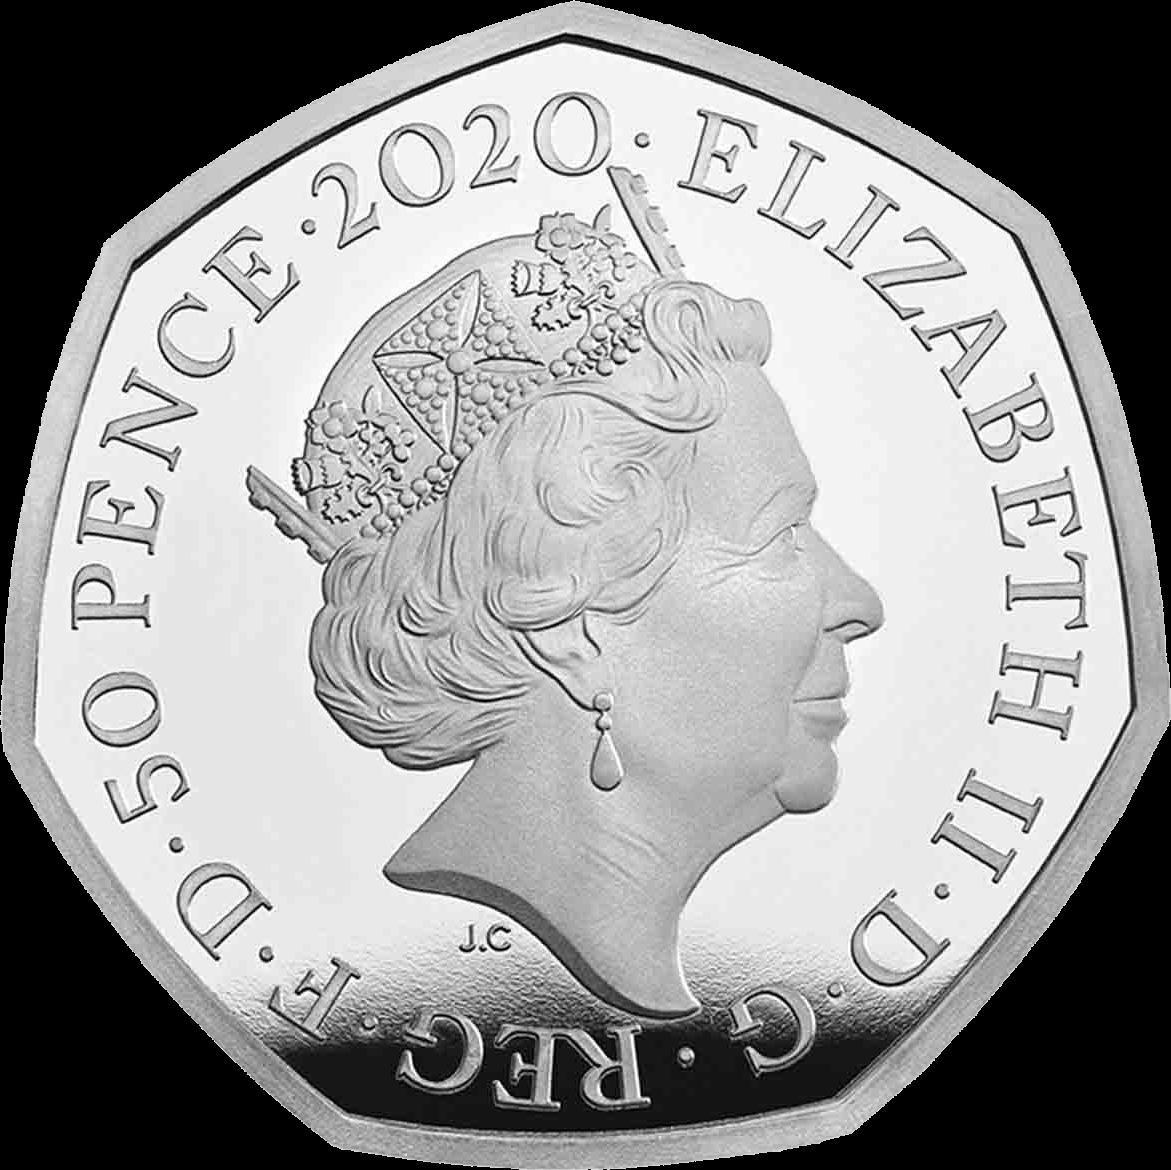 Великобритания монета 50 пенсов Кролик Питер 2020, аверс